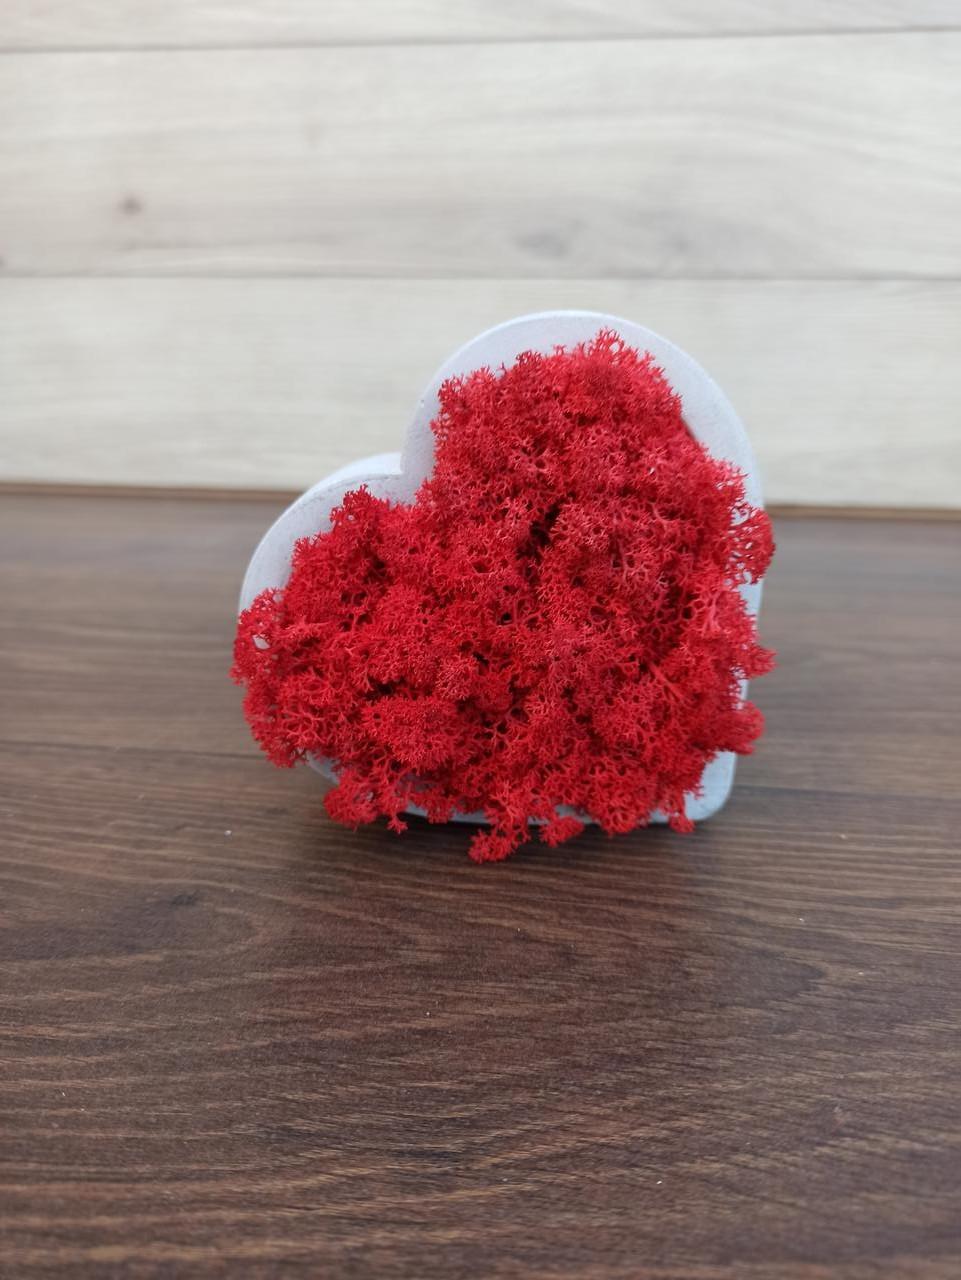 Серце з моху, гіпсове кашпо у формі серця з червоним мохом